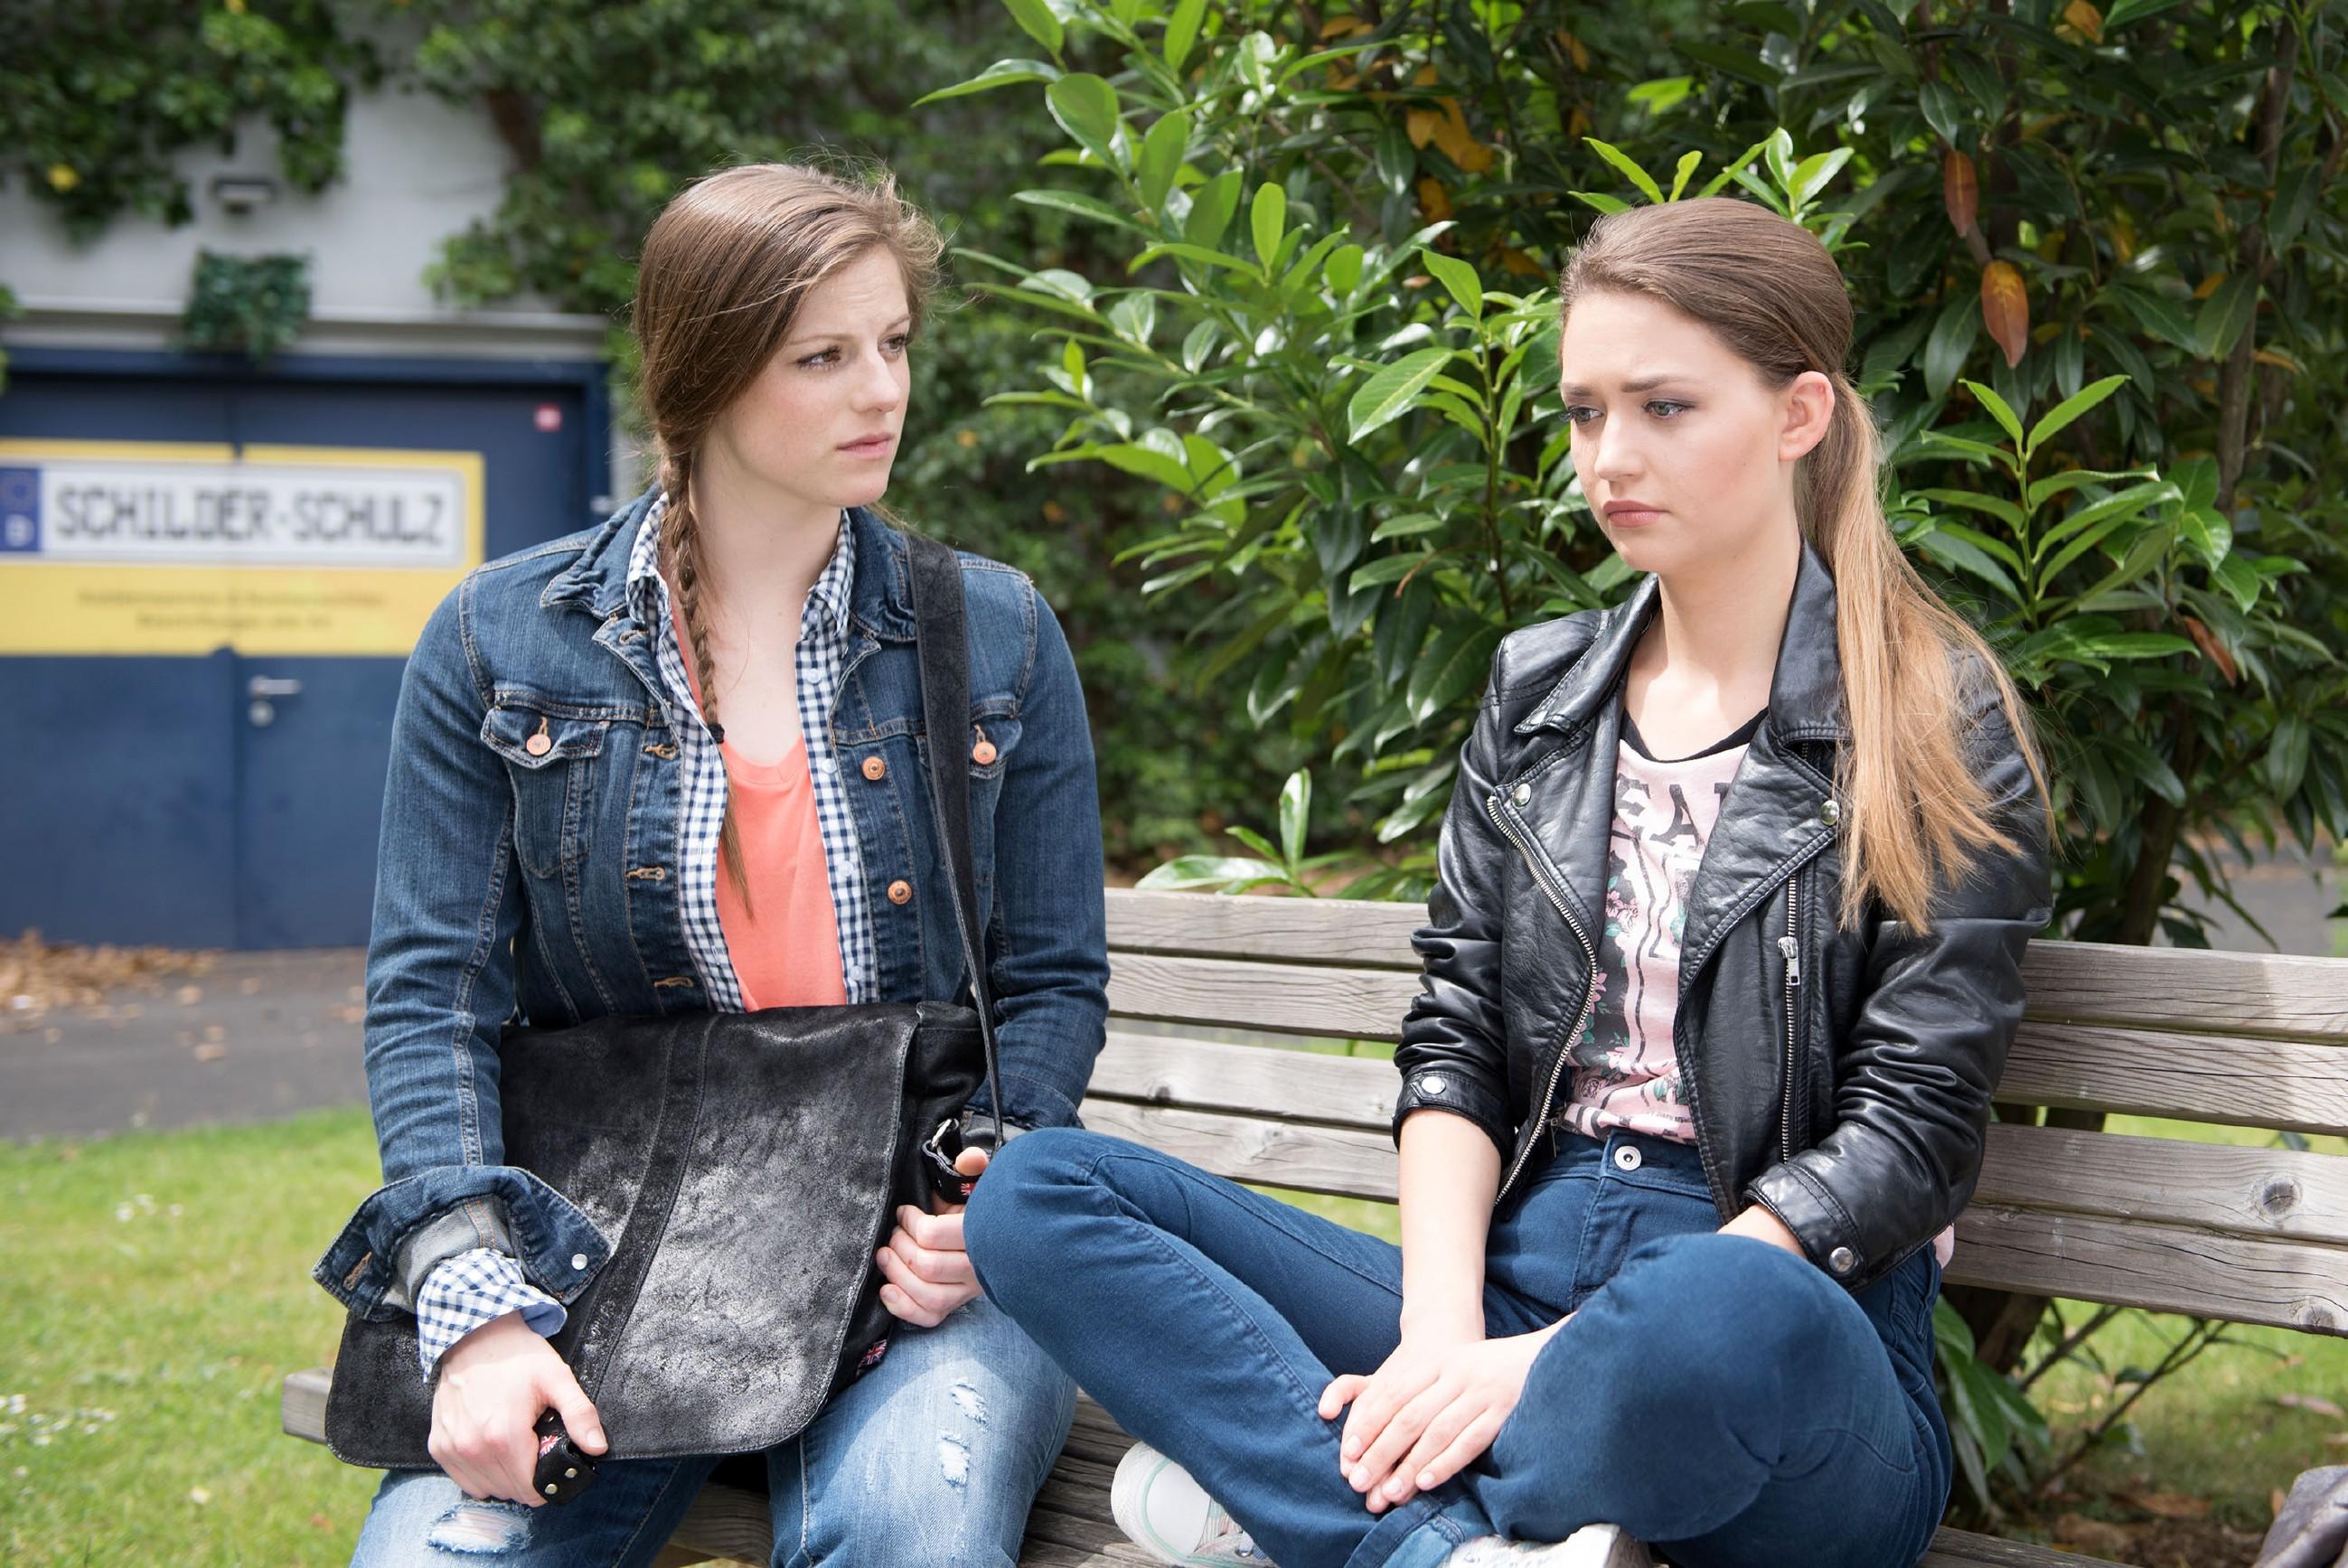 Elli (Nora Koppen, l.) sieht sich unerwartet mit Jules (Amrei Haardt) Notlage konfrontiert und beschließt, Jule mit in die WG zu nehmen. (Quelle: © RTL / Stefan Behrens)